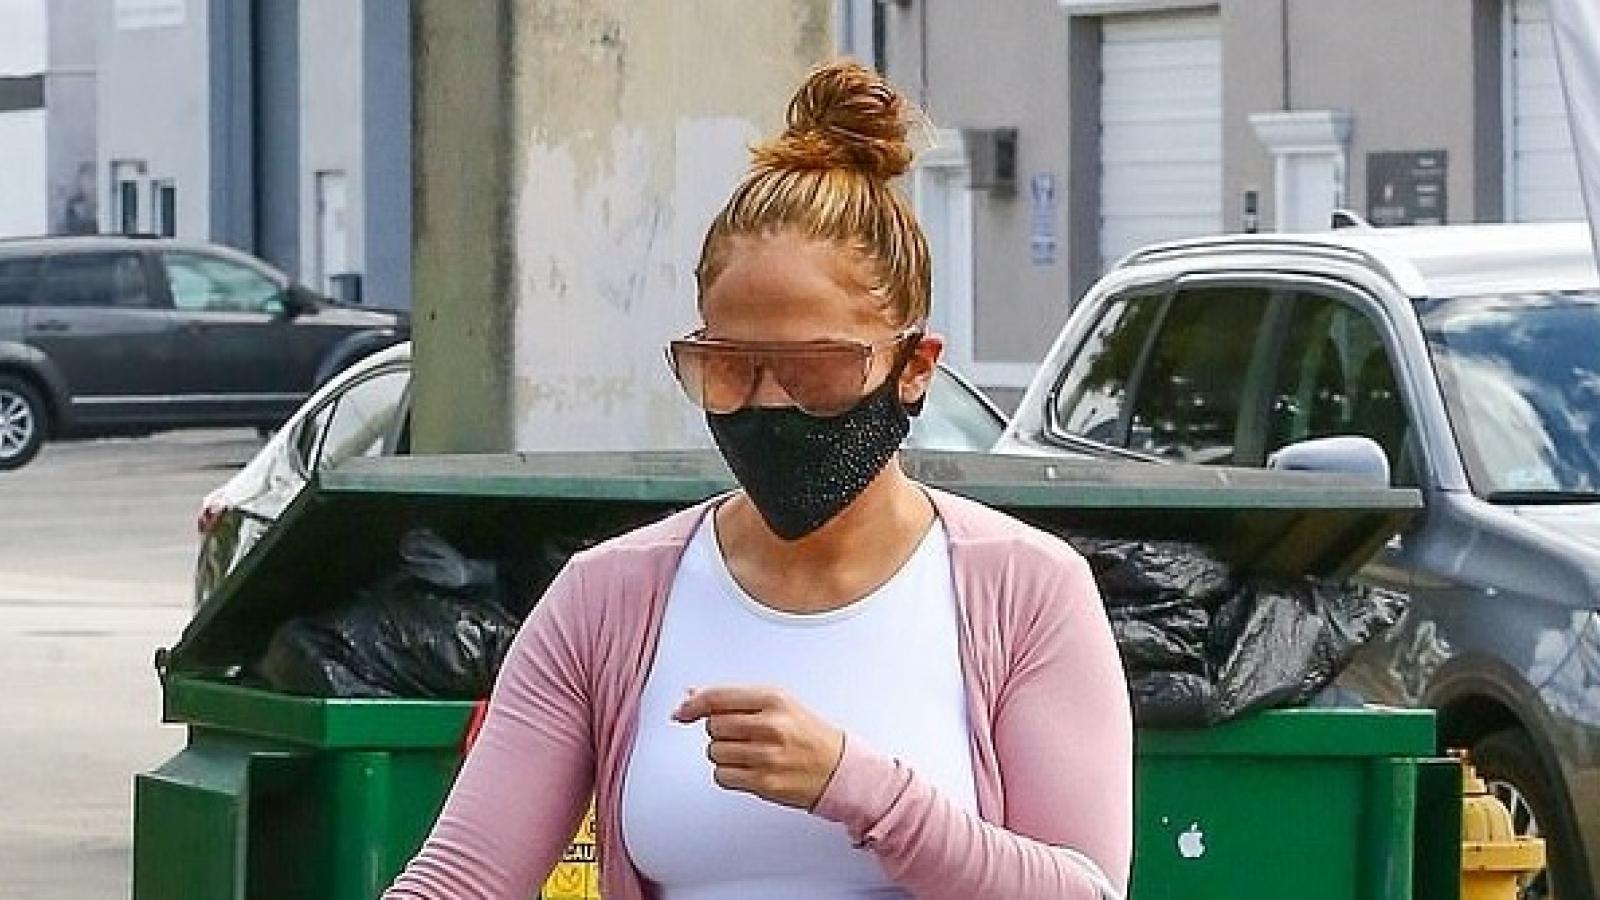 Jennifer Lopez diện áo croptop và quần legging khỏe khoắn đi tập gym dịp cuối tuần